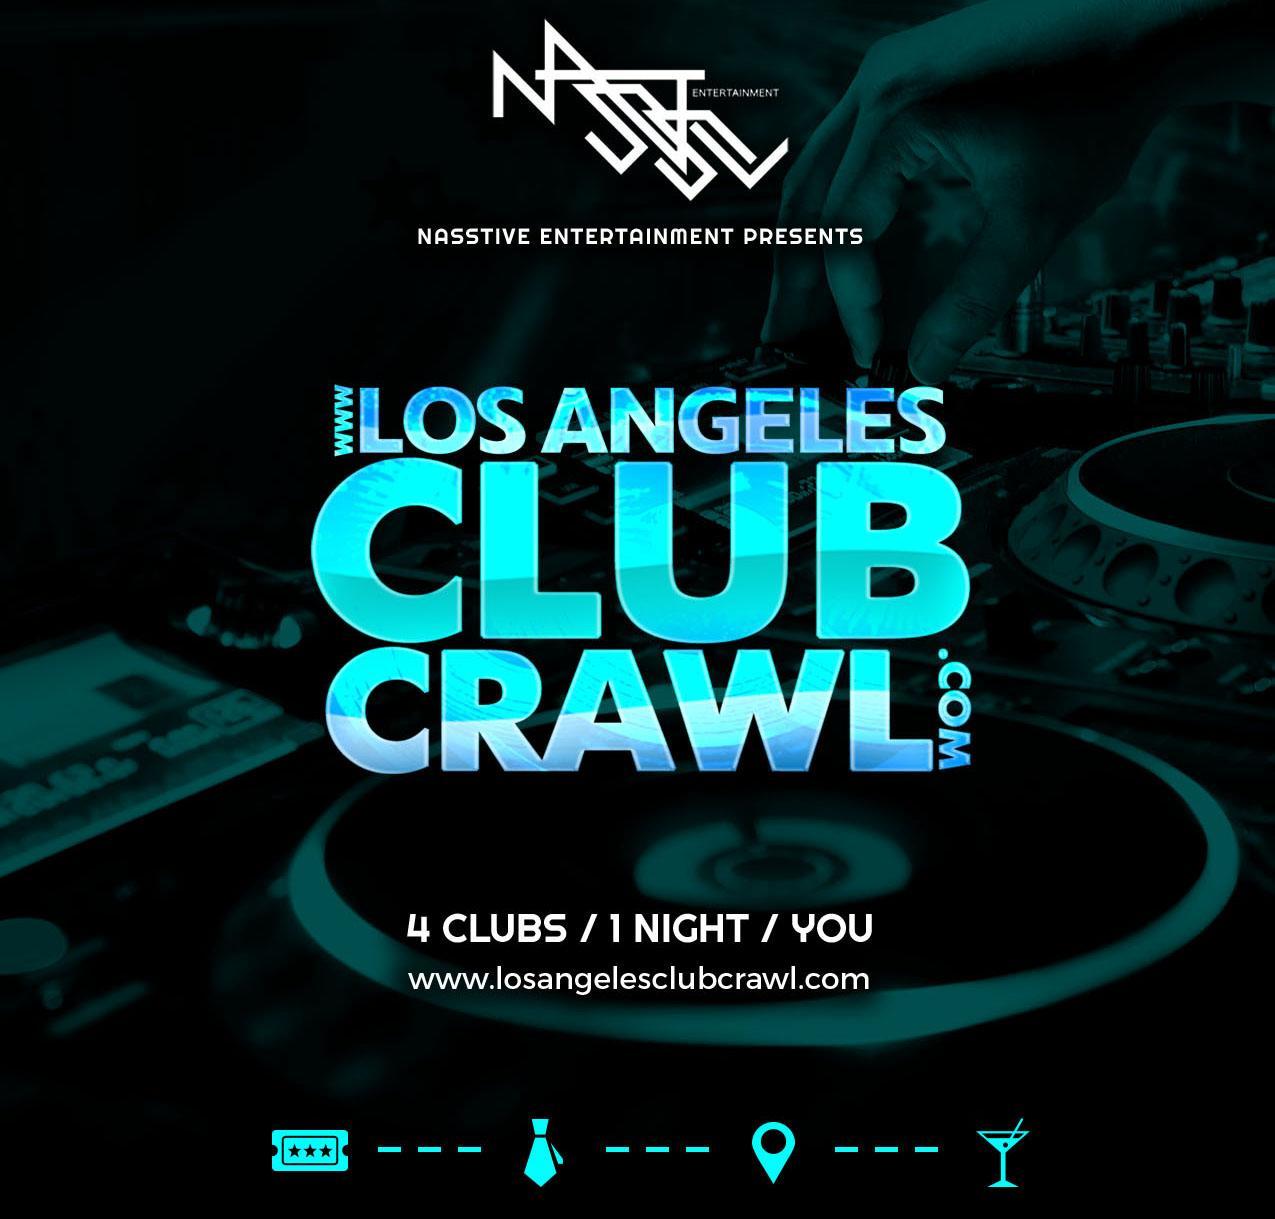 Downtown Los Angeles Bar Crawl / Club Crawl. Downtown Los Angeles Bar Crawl / Club Crawl